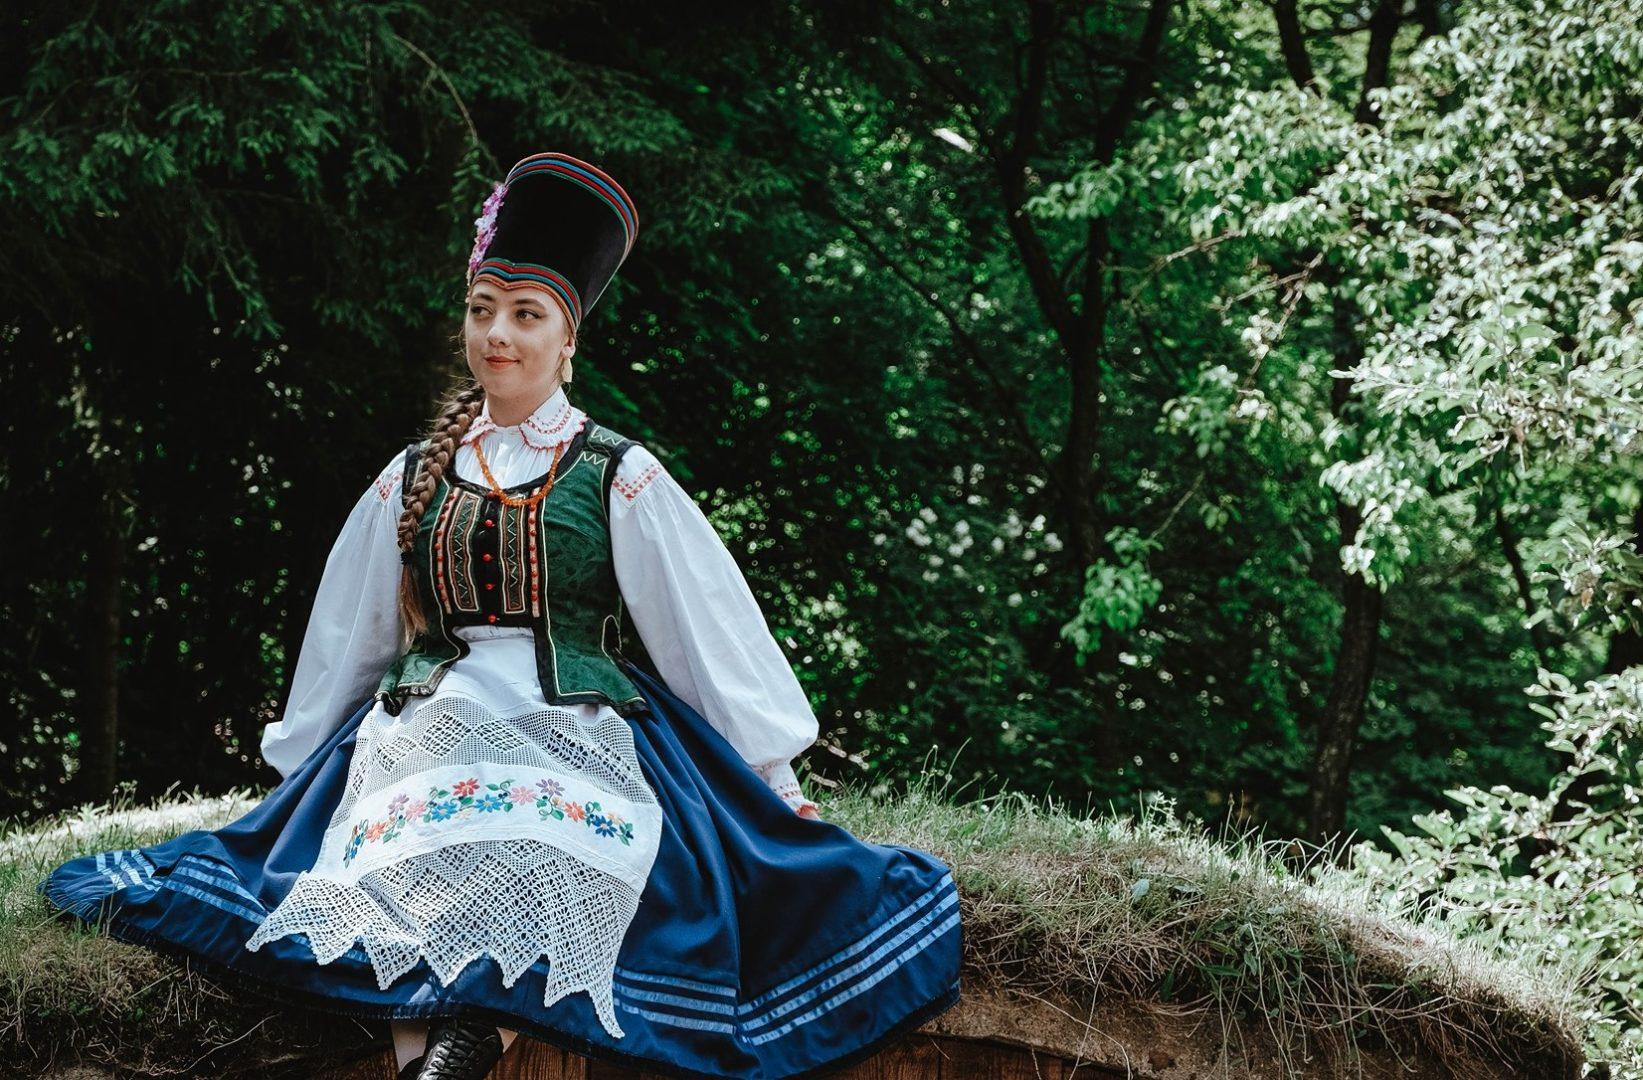 Wesele na Kurpiach. Teatralne widowisko folklorystyczne